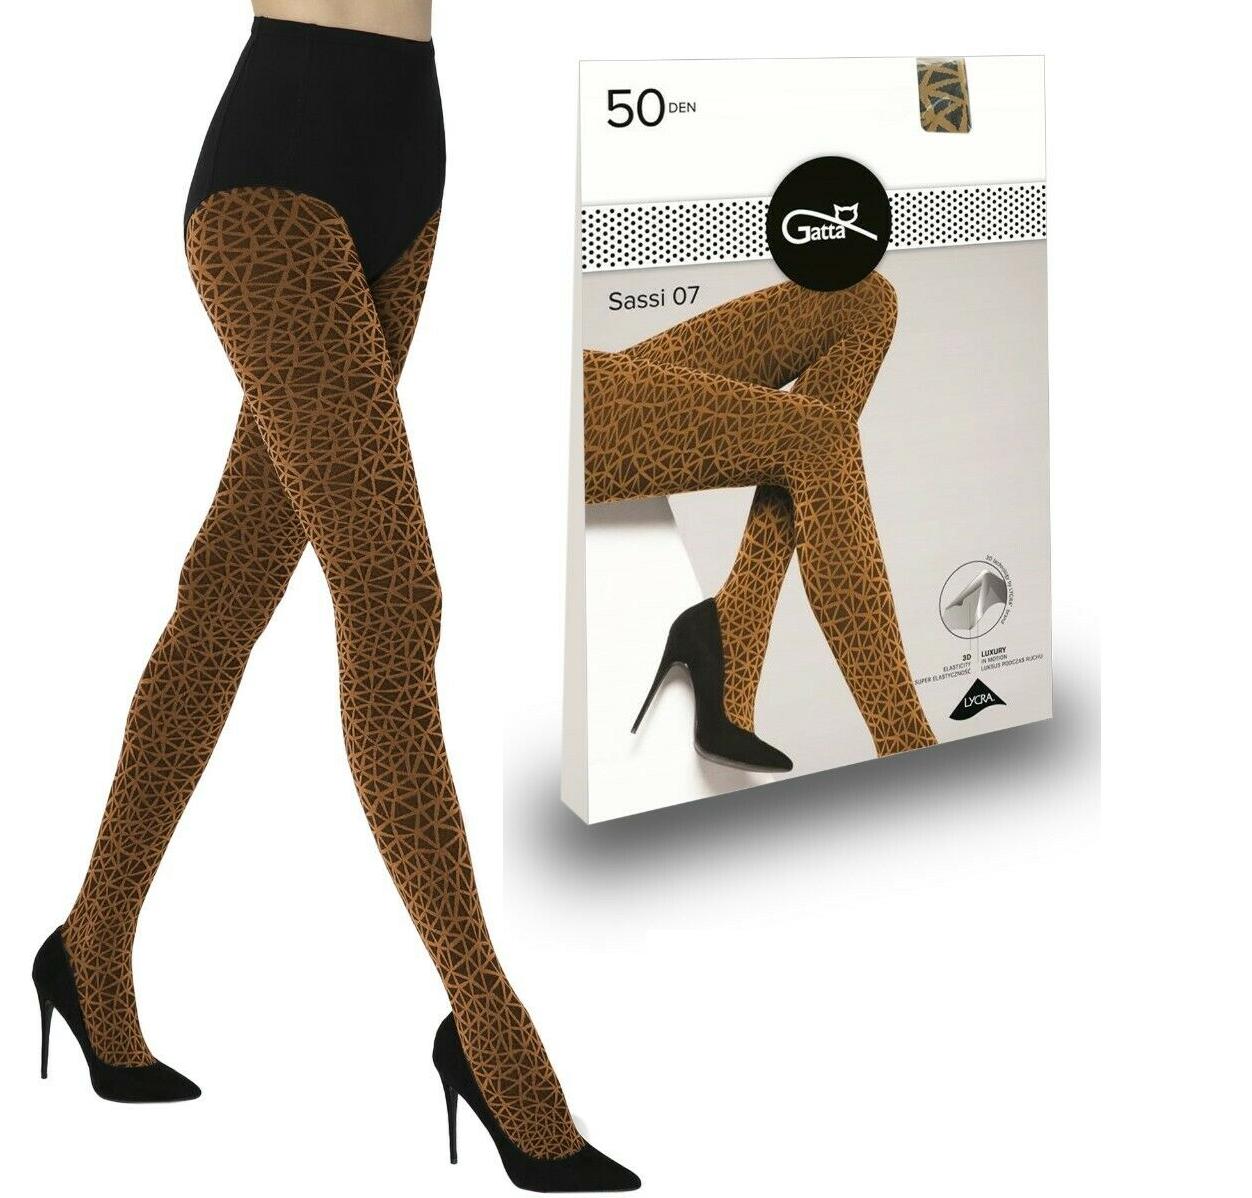 Gatta gemusterte Strumpfhose SASSI 07 Damen 3D Geometrisches Muster 50 den GELB